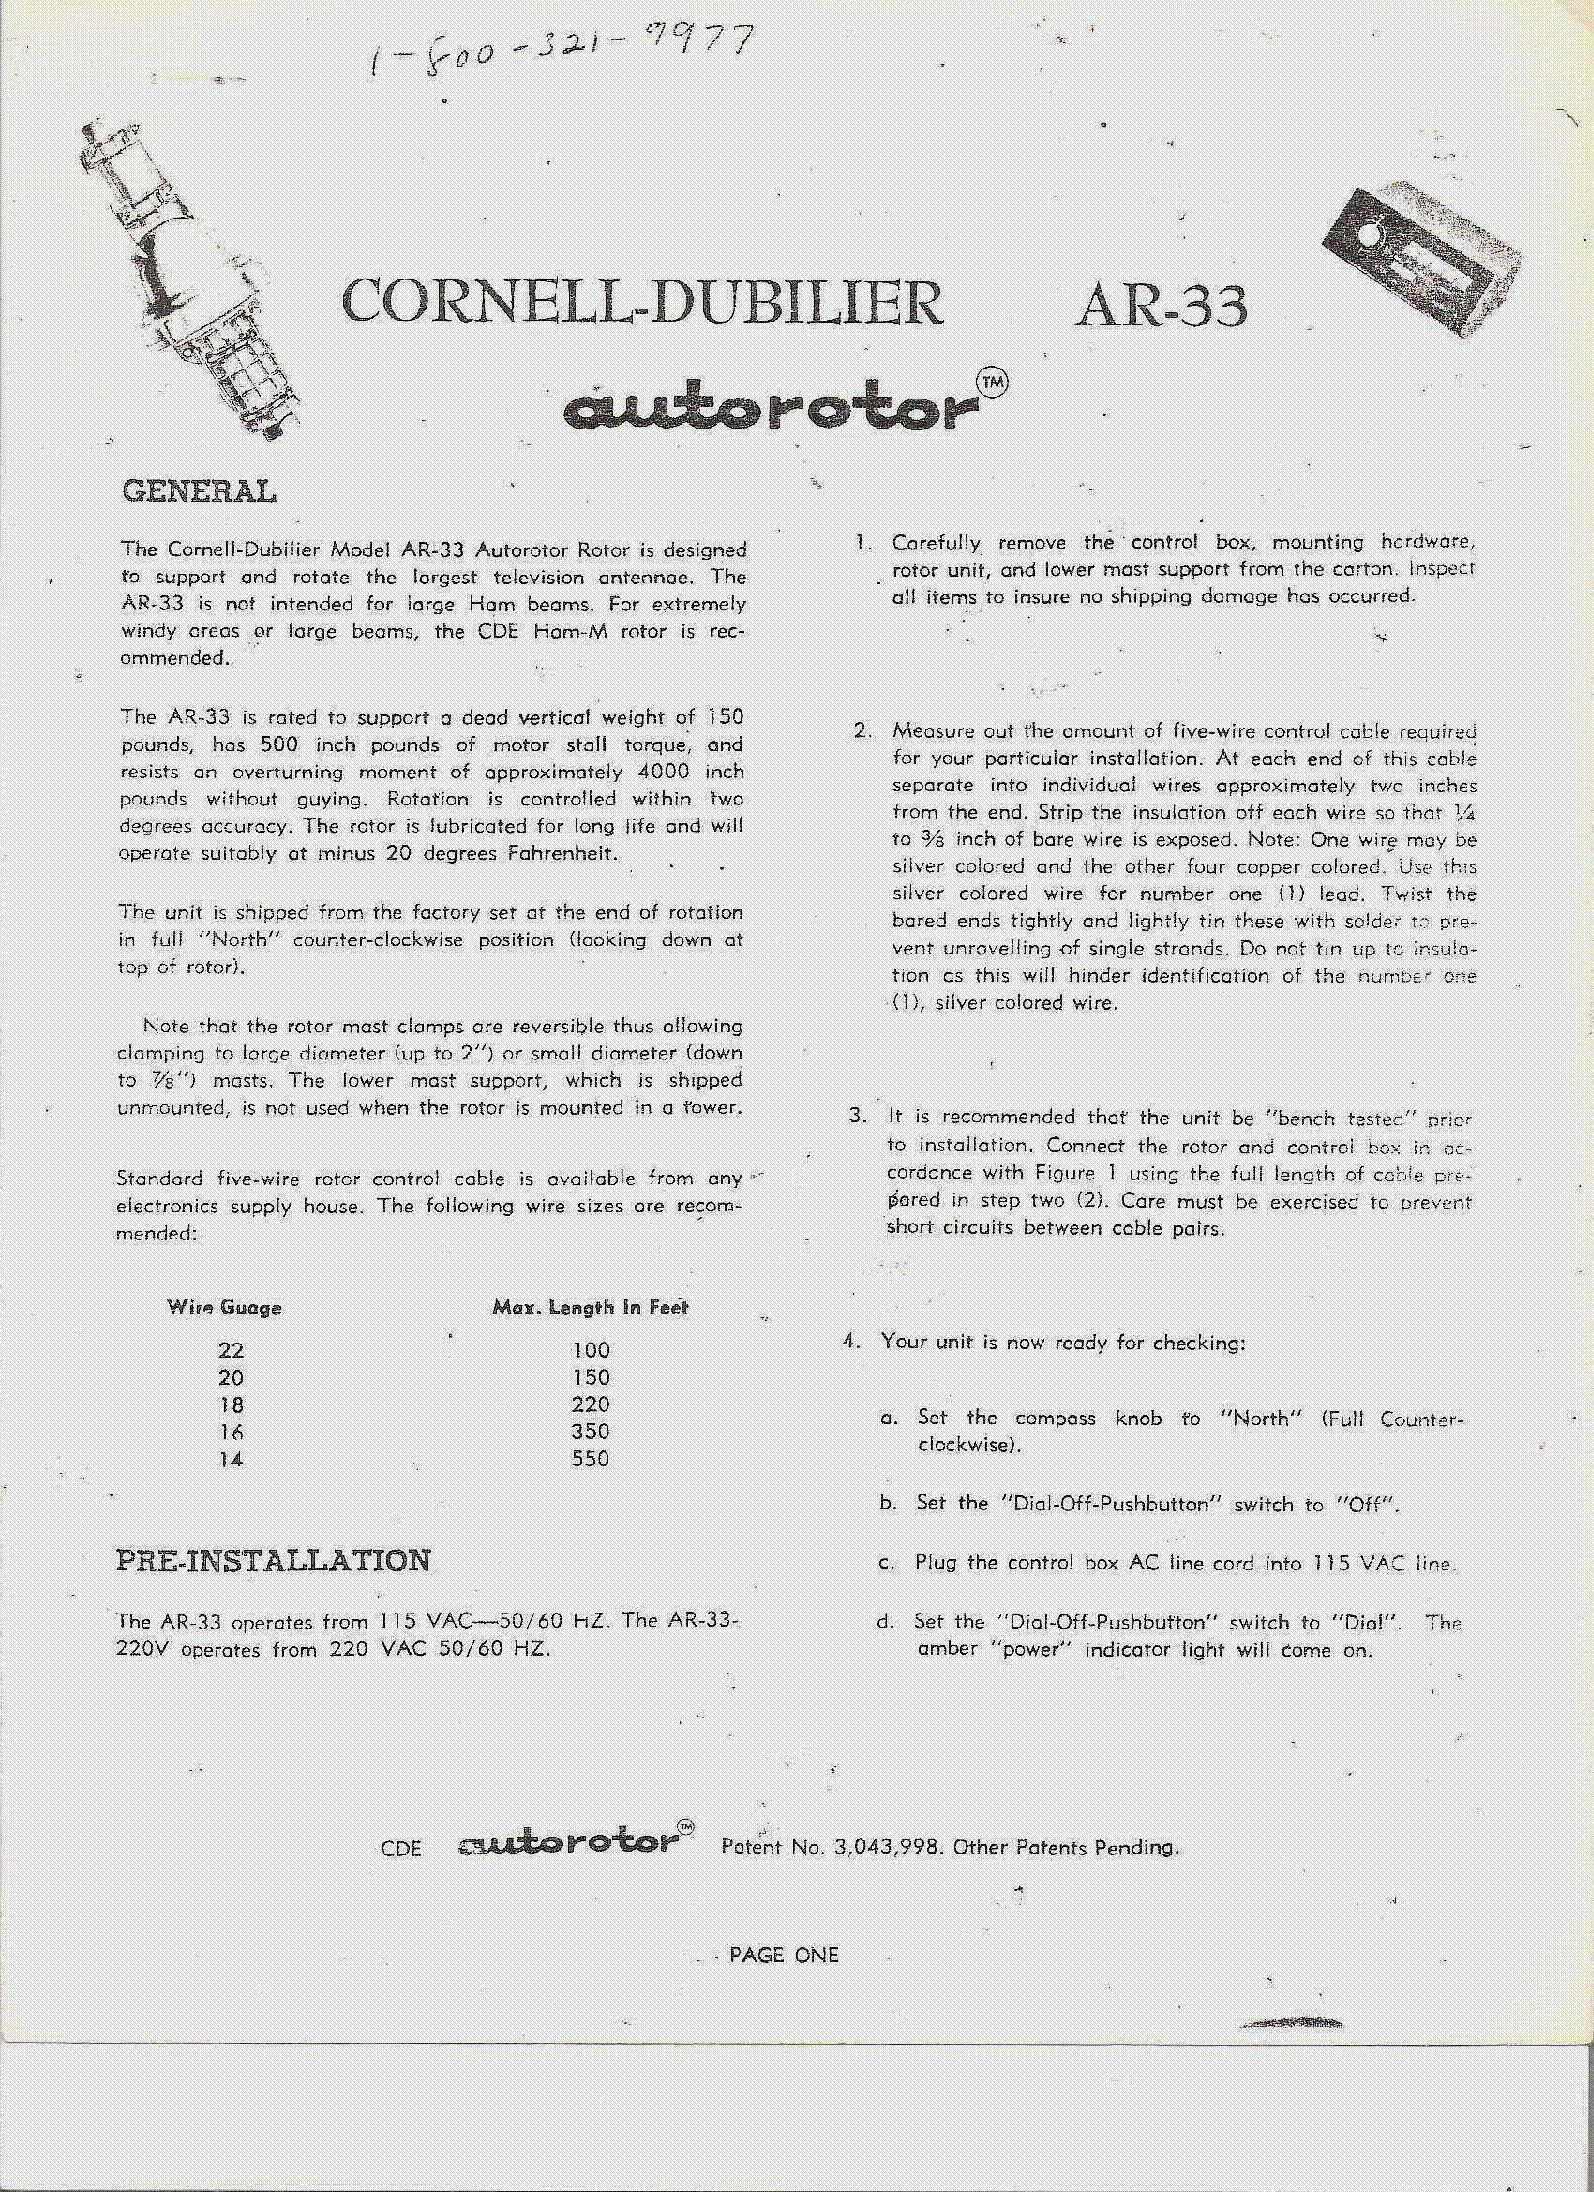 CORNELL-DUBILIER AUTOROTOR AR-33 1976 ANTENNAFORGATO SM service manual (1st  page)